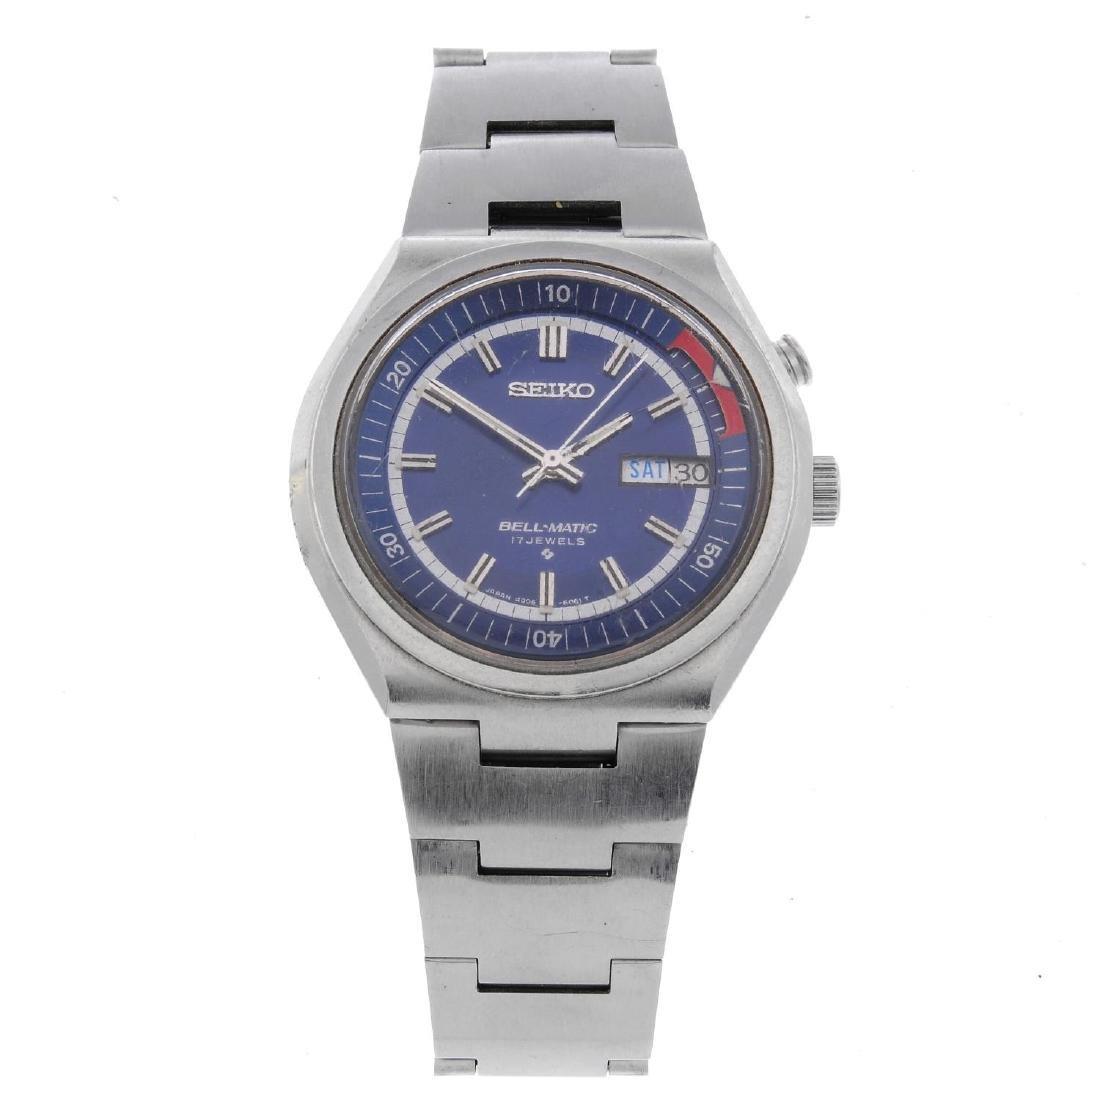 SEIKO - a gentleman's Bell-Matic bracelet watch.